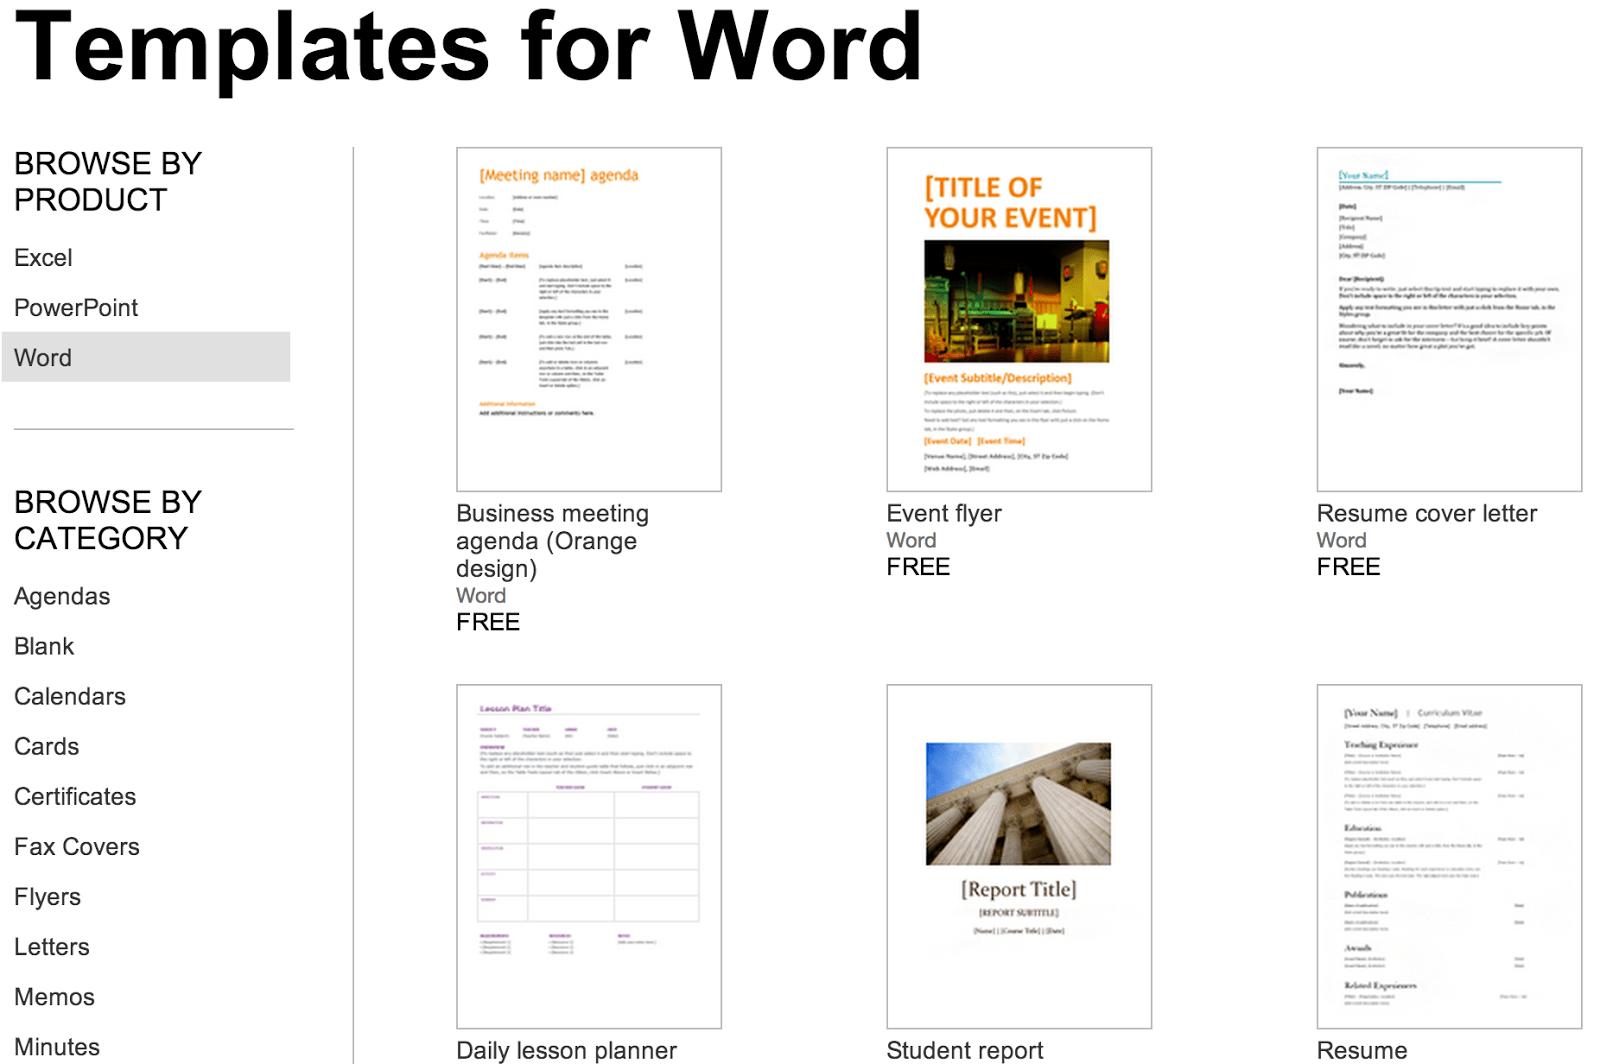 Restaurant Menu Templates Word certificate of origin forms sample ...